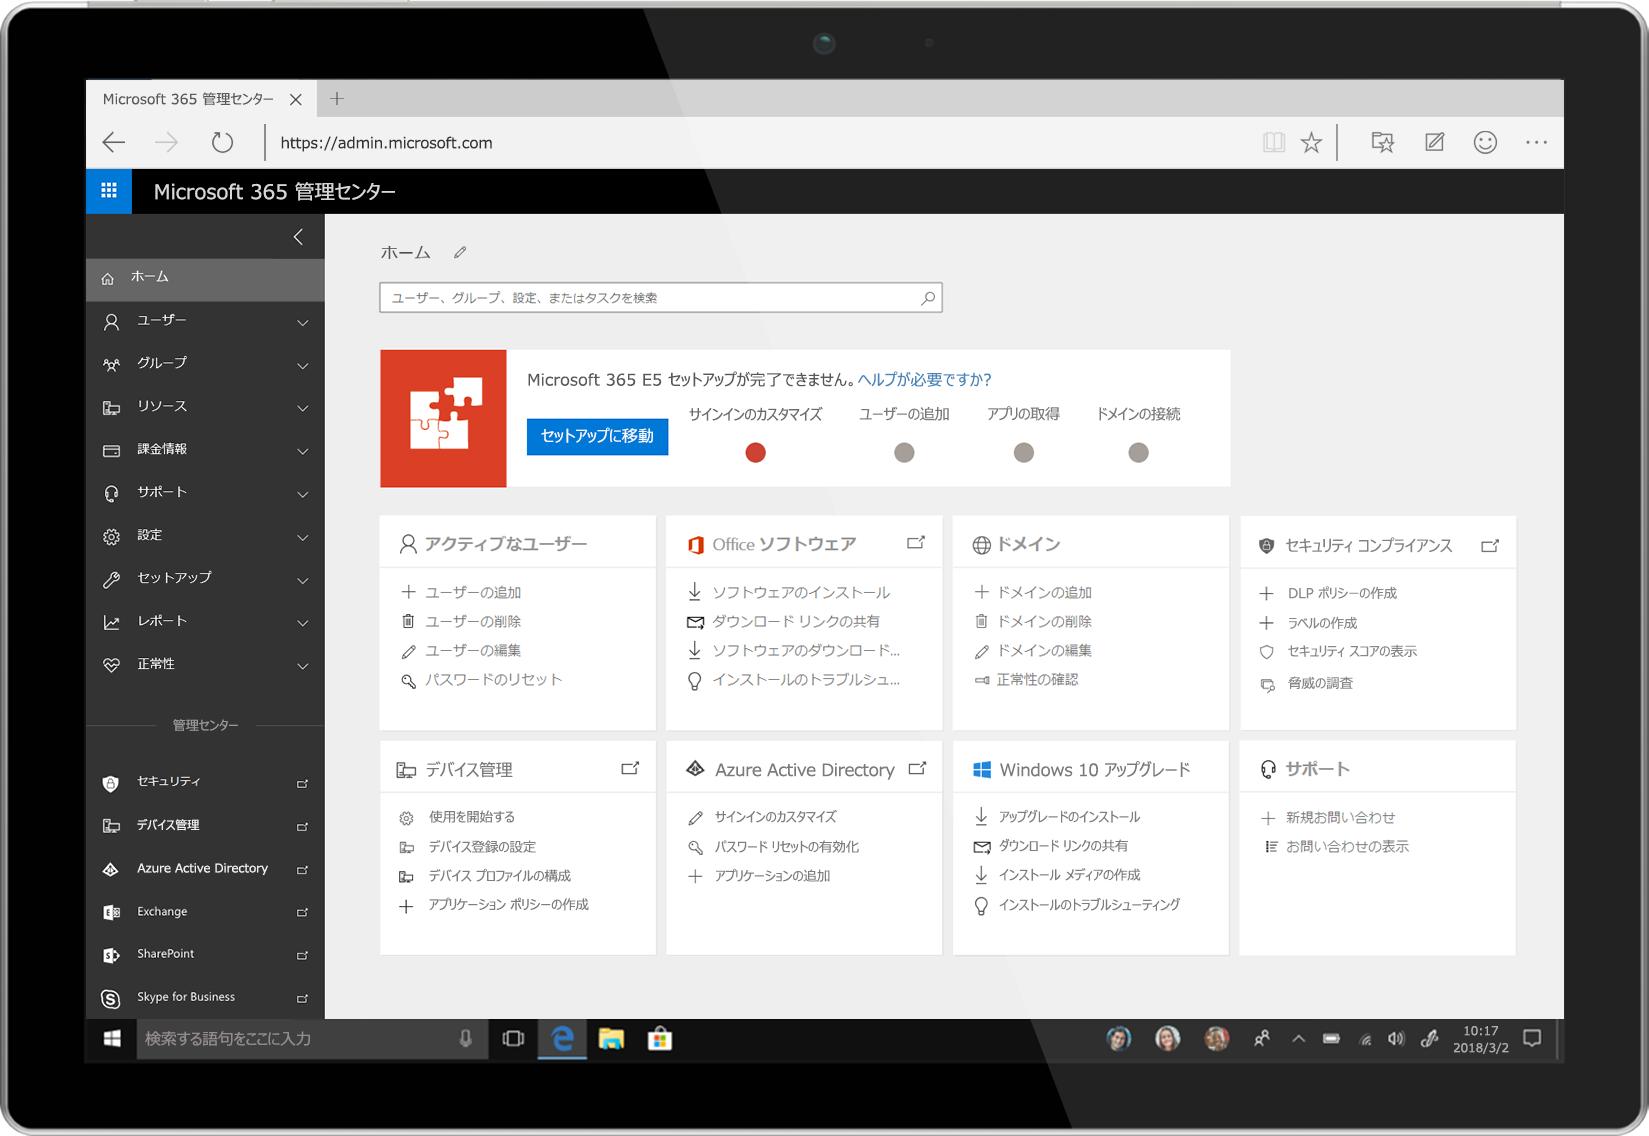 Microsoft 365 管理センターが表示されているタブレットの画像